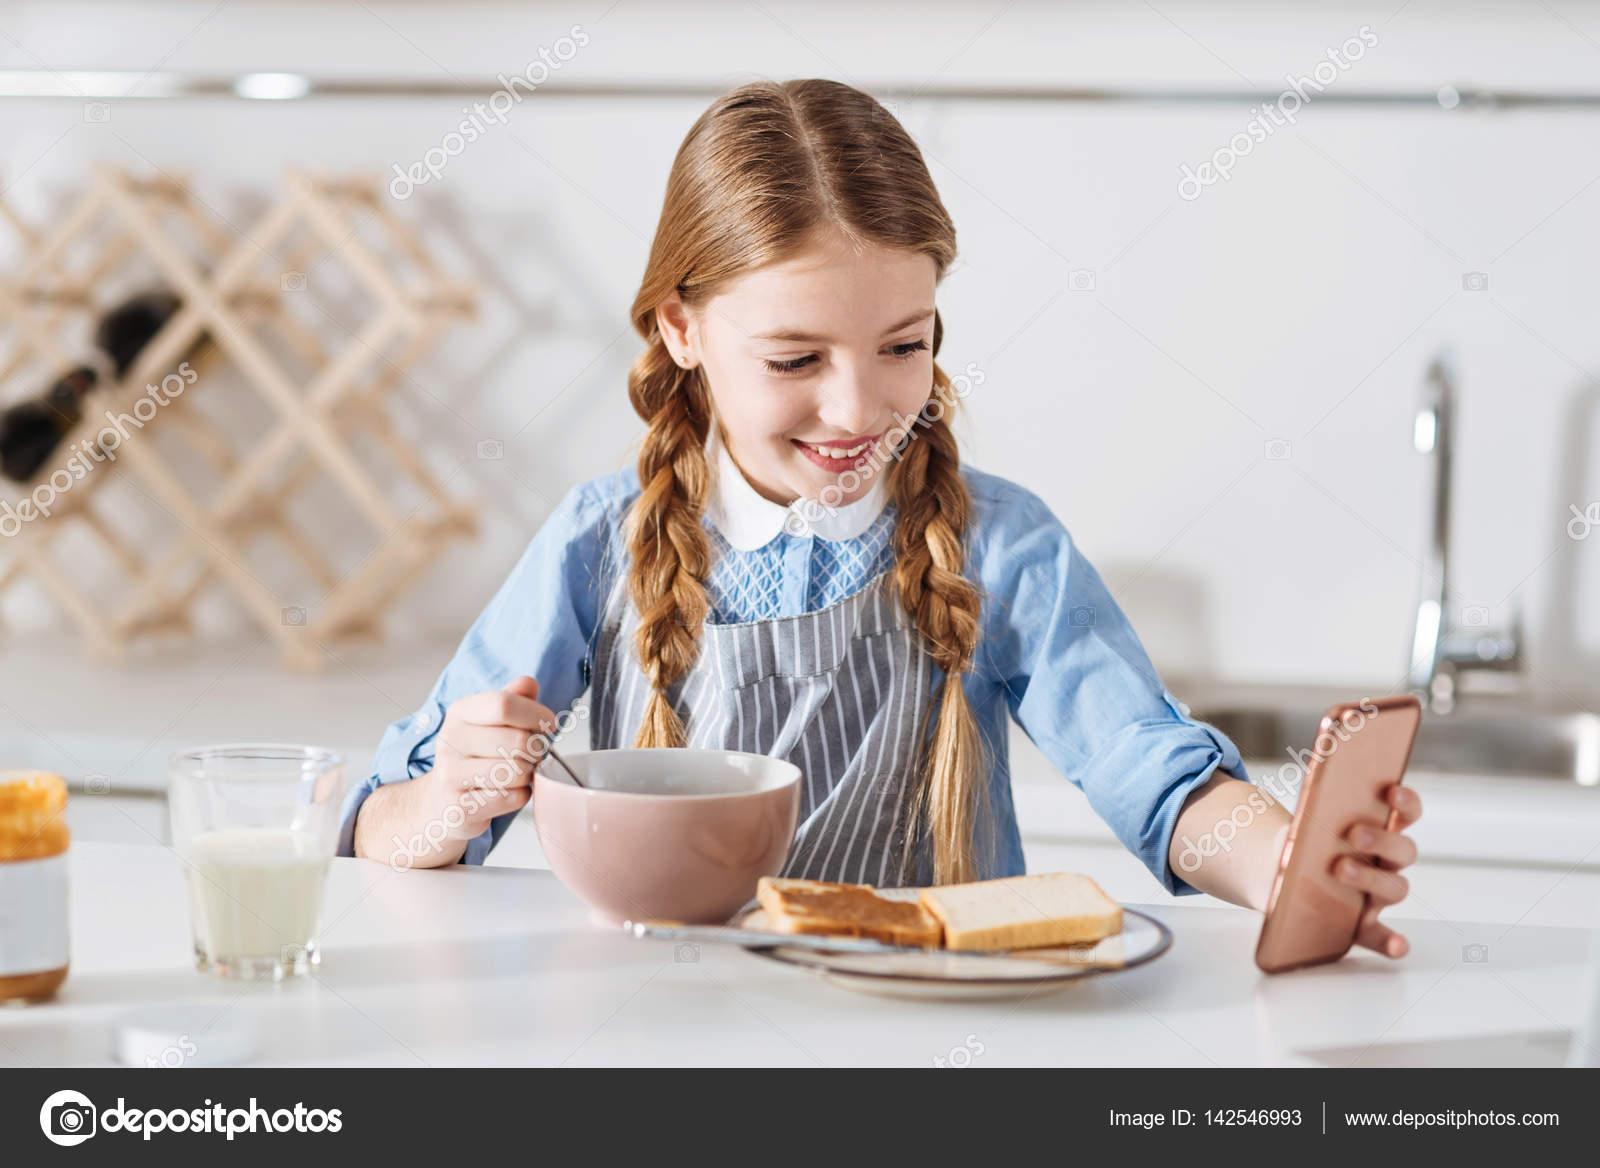 Selfie 그녀의 아침 식사와 함께 복용 하는